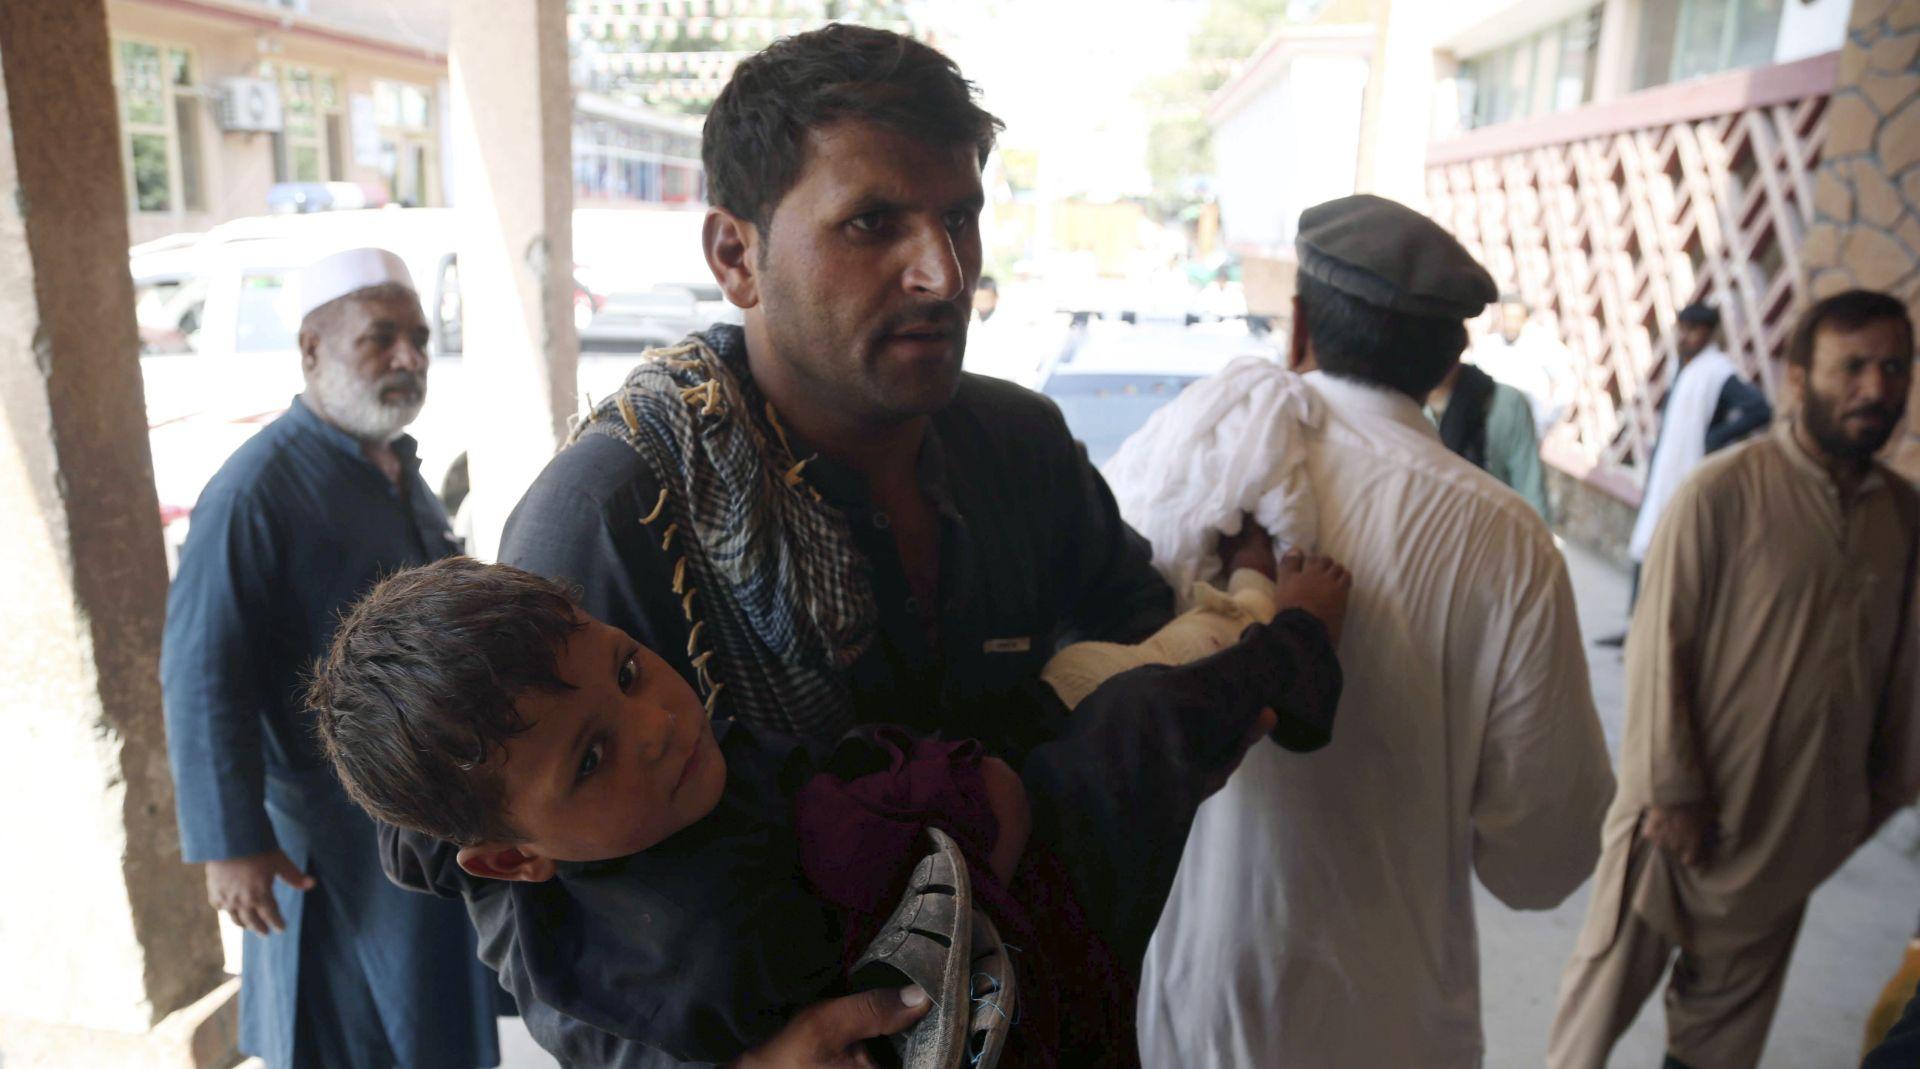 Samoubilački napad u Afganistanu, ubijene 22 osobe